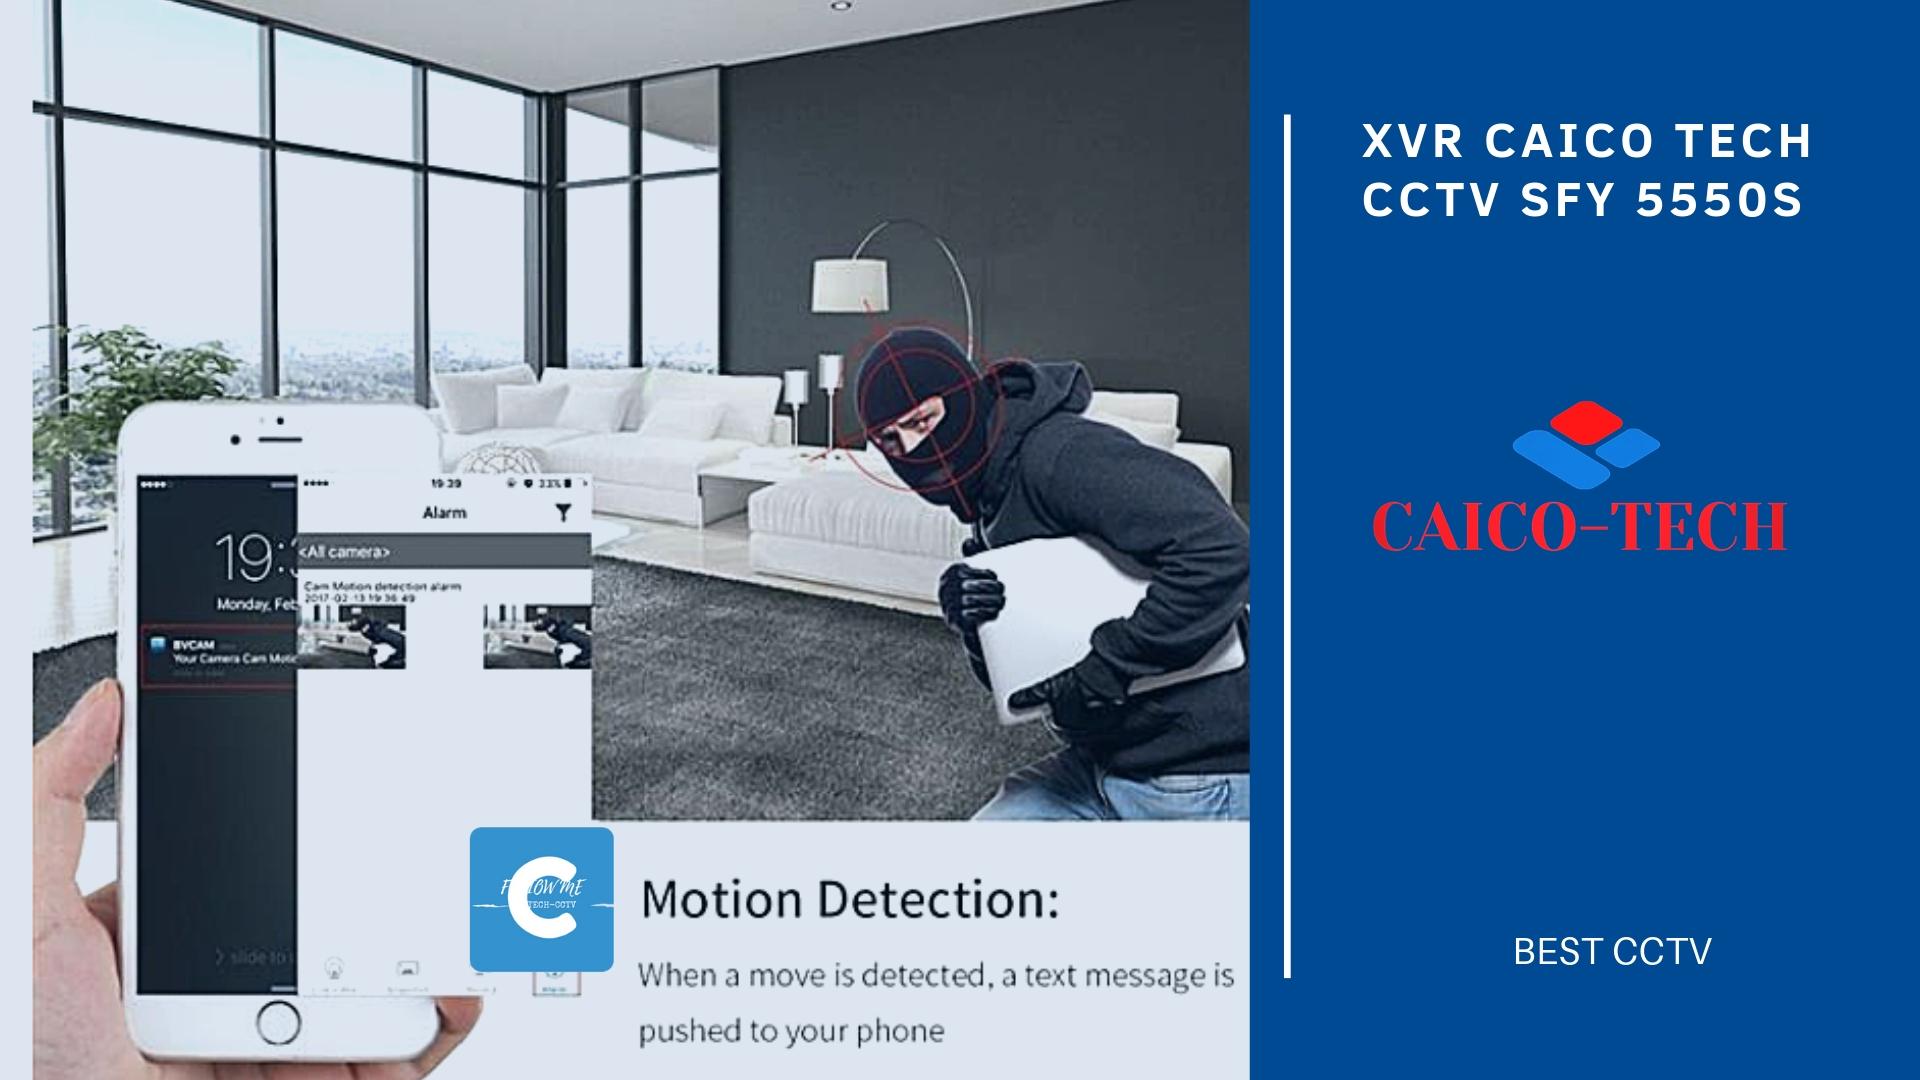 XVR CAICO TECH CCTV